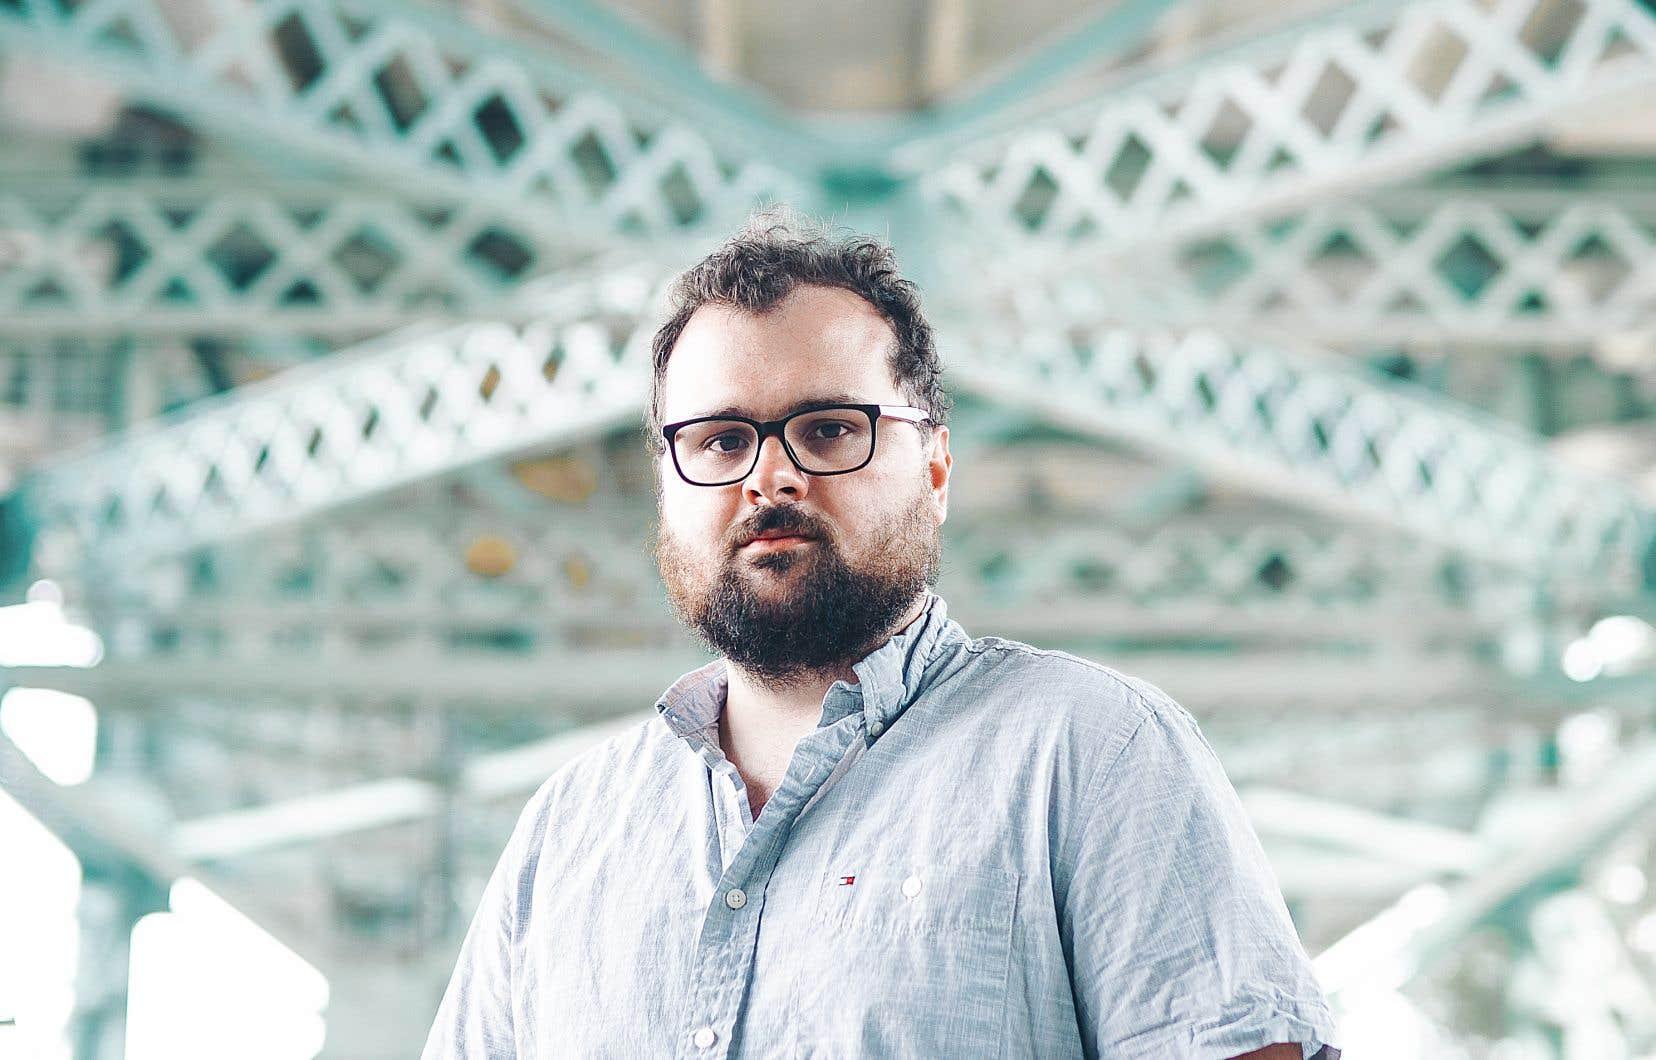 Le documentaire de Félix Rose, fils de Paul Rose, n'est retenu comme finaliste dans aucune catégorie des prix Iris, malgré son succès populaire et critique.